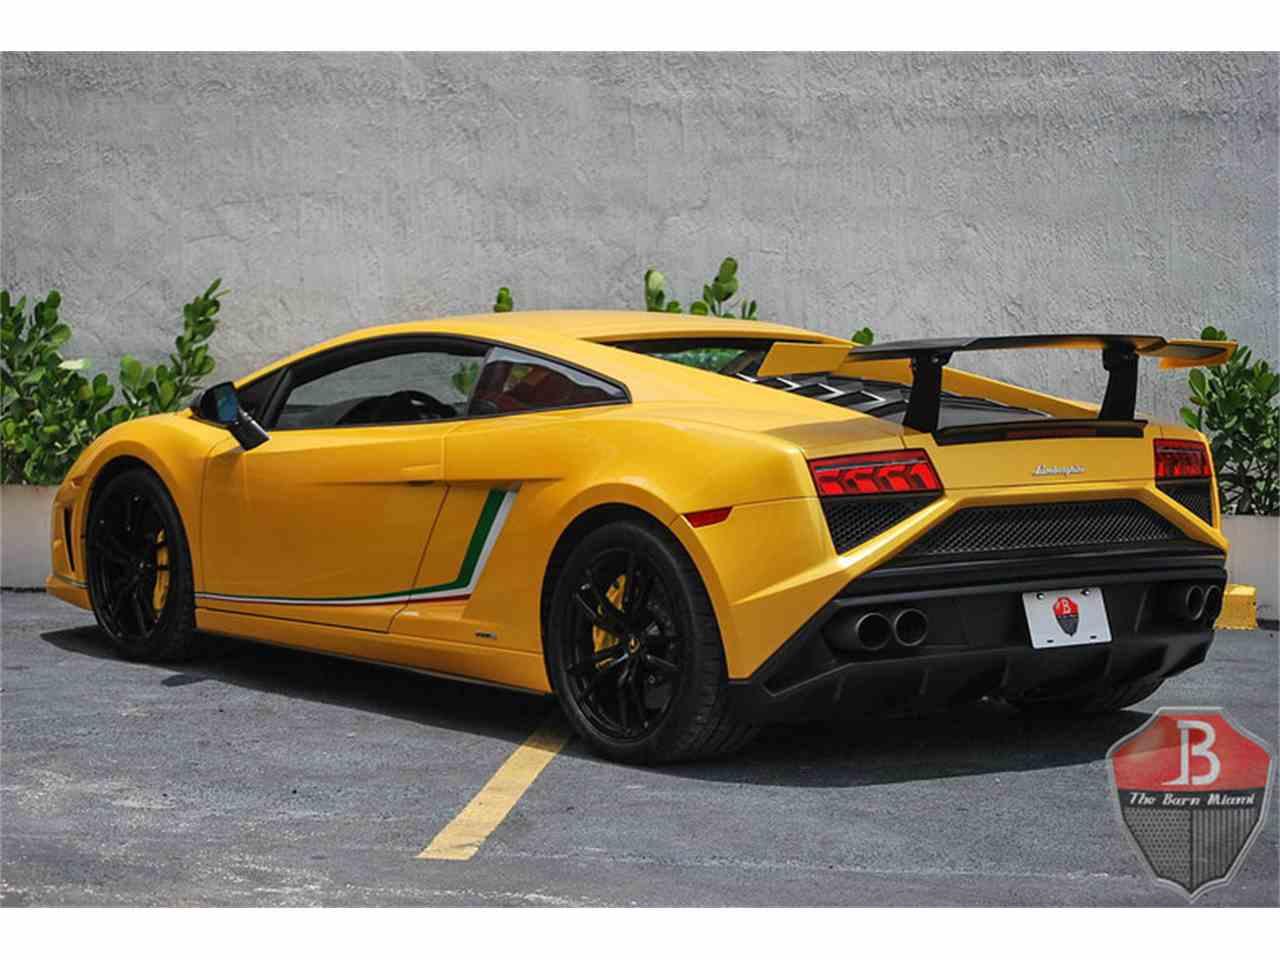 Large Picture of 2014 Lamborghini Gallardo Squadra Corse located in Florida - $244,900.00 Offered by The Barn Miami - IRP5